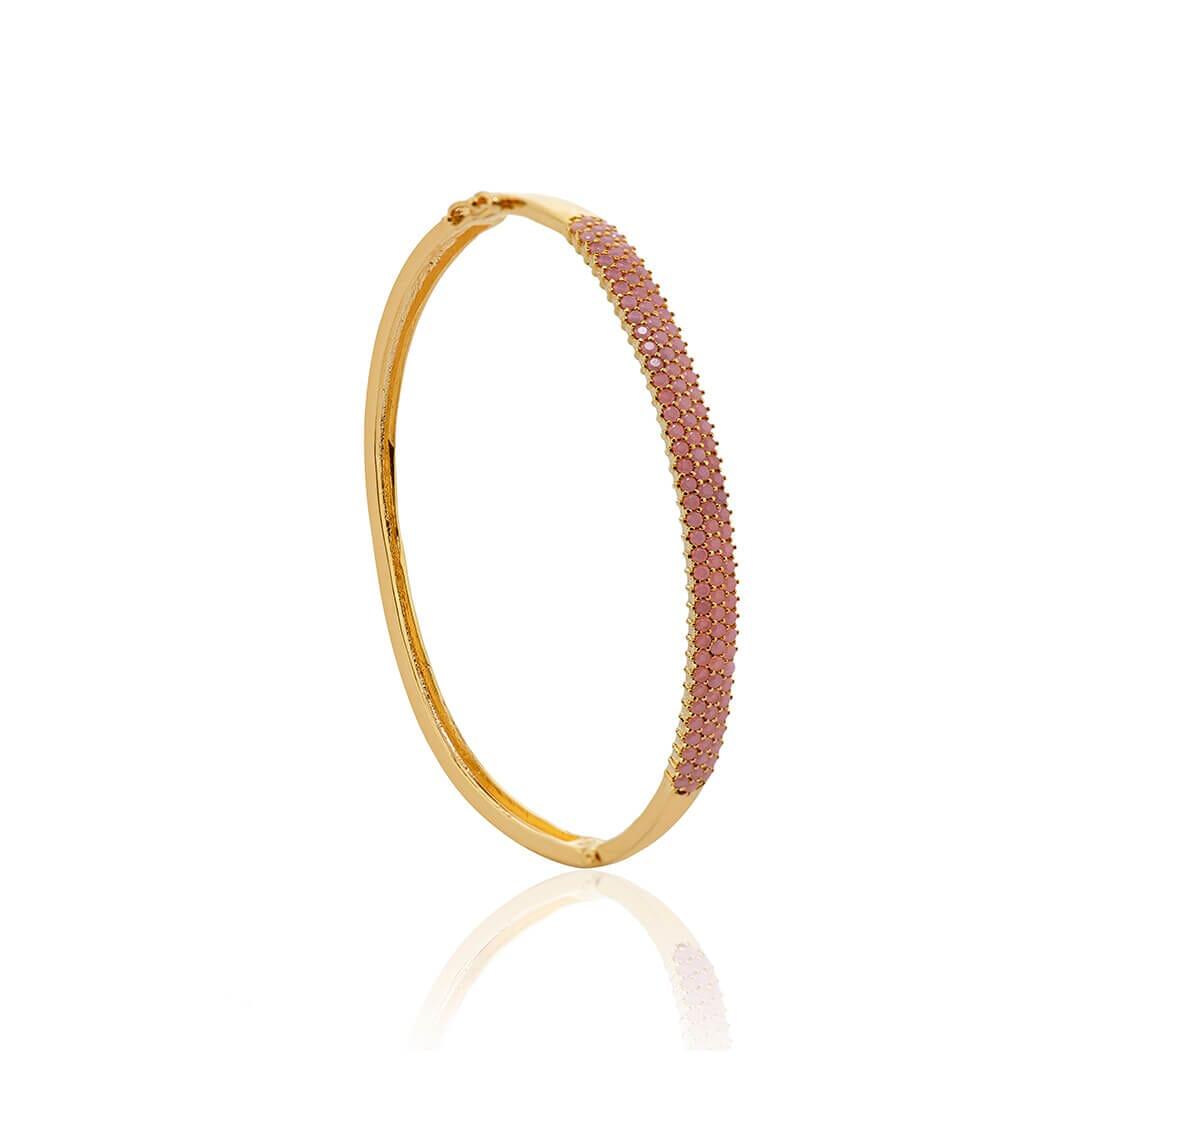 Bracelete Folheado Ouro Cravejado Rosa com 3 fileiras